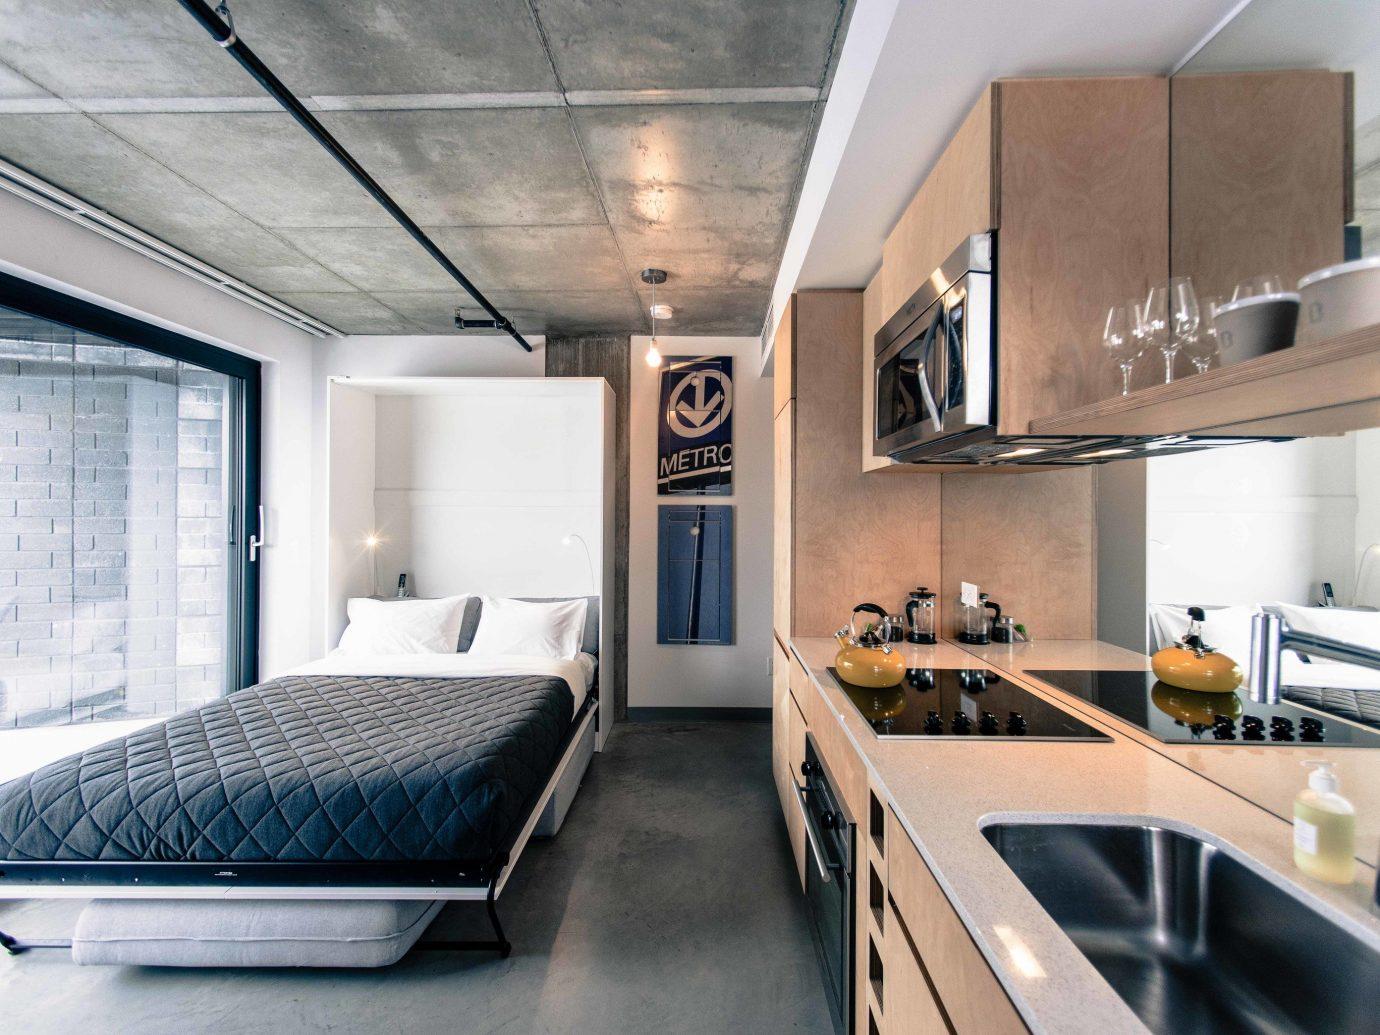 Canada Hotels Montreal Trip Ideas indoor interior design ceiling interior designer loft